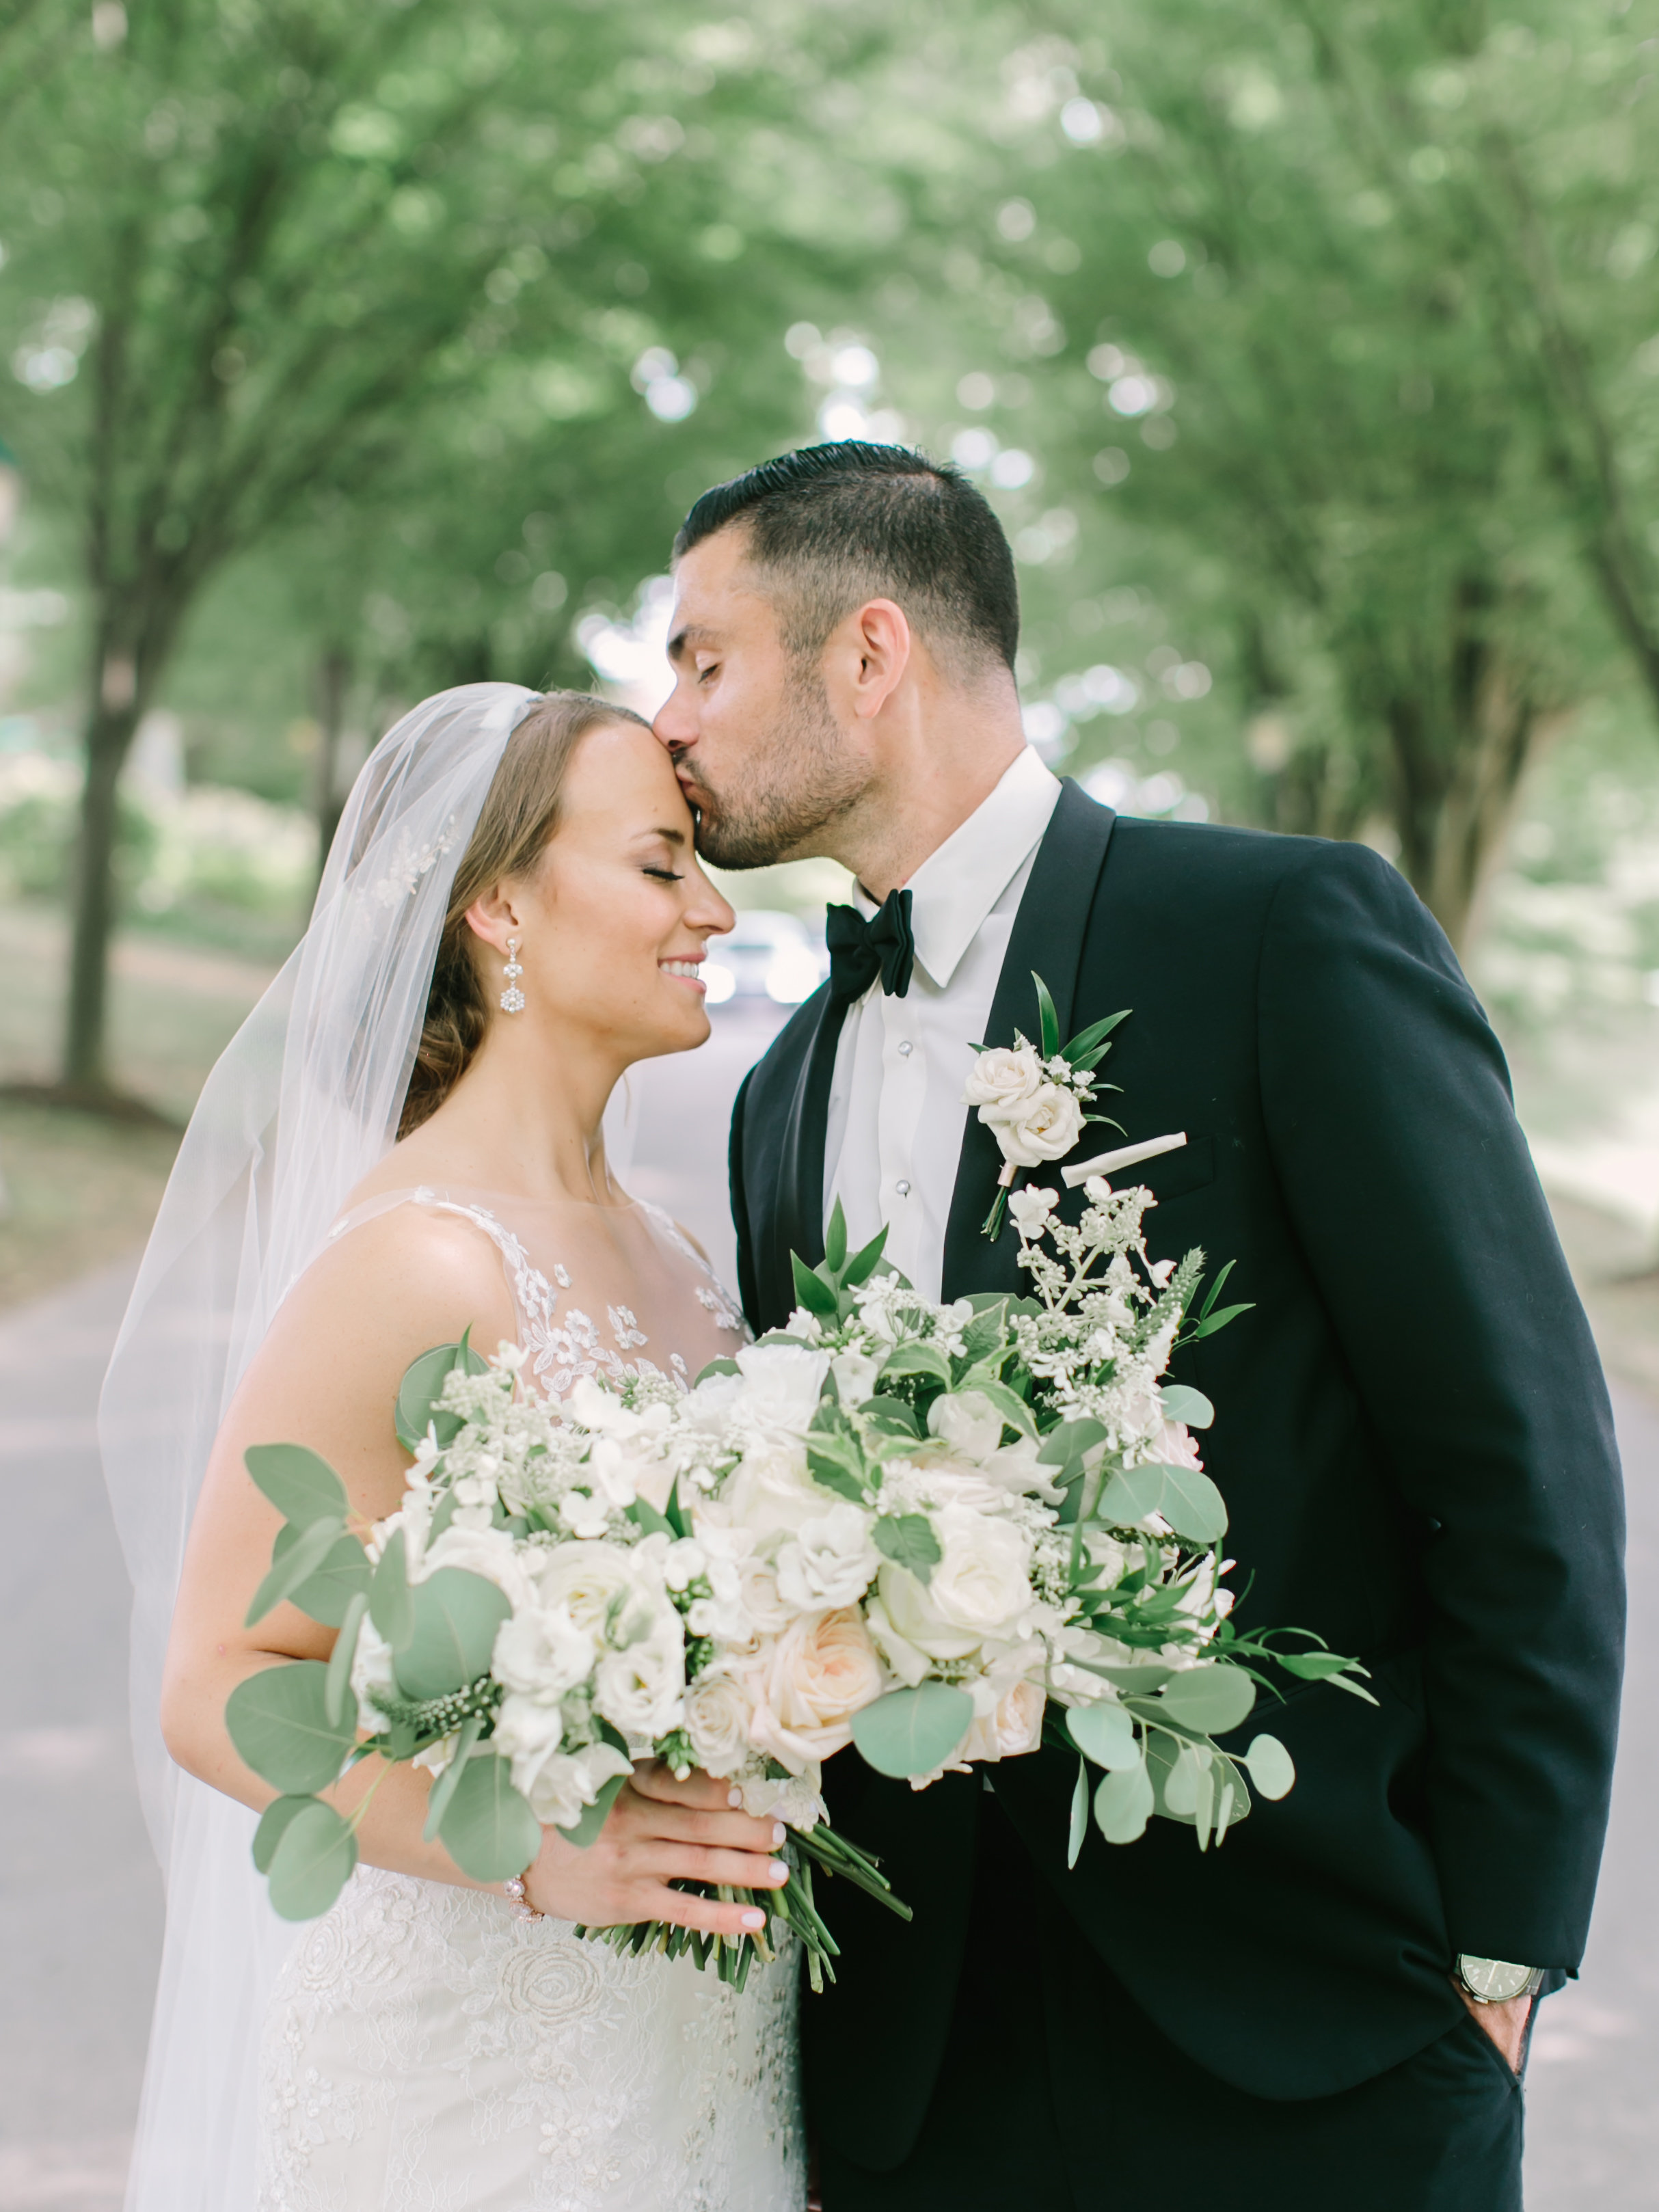 Love&LightPhotographs_Jennifer&Mark_Wedding_Preview-14.jpg